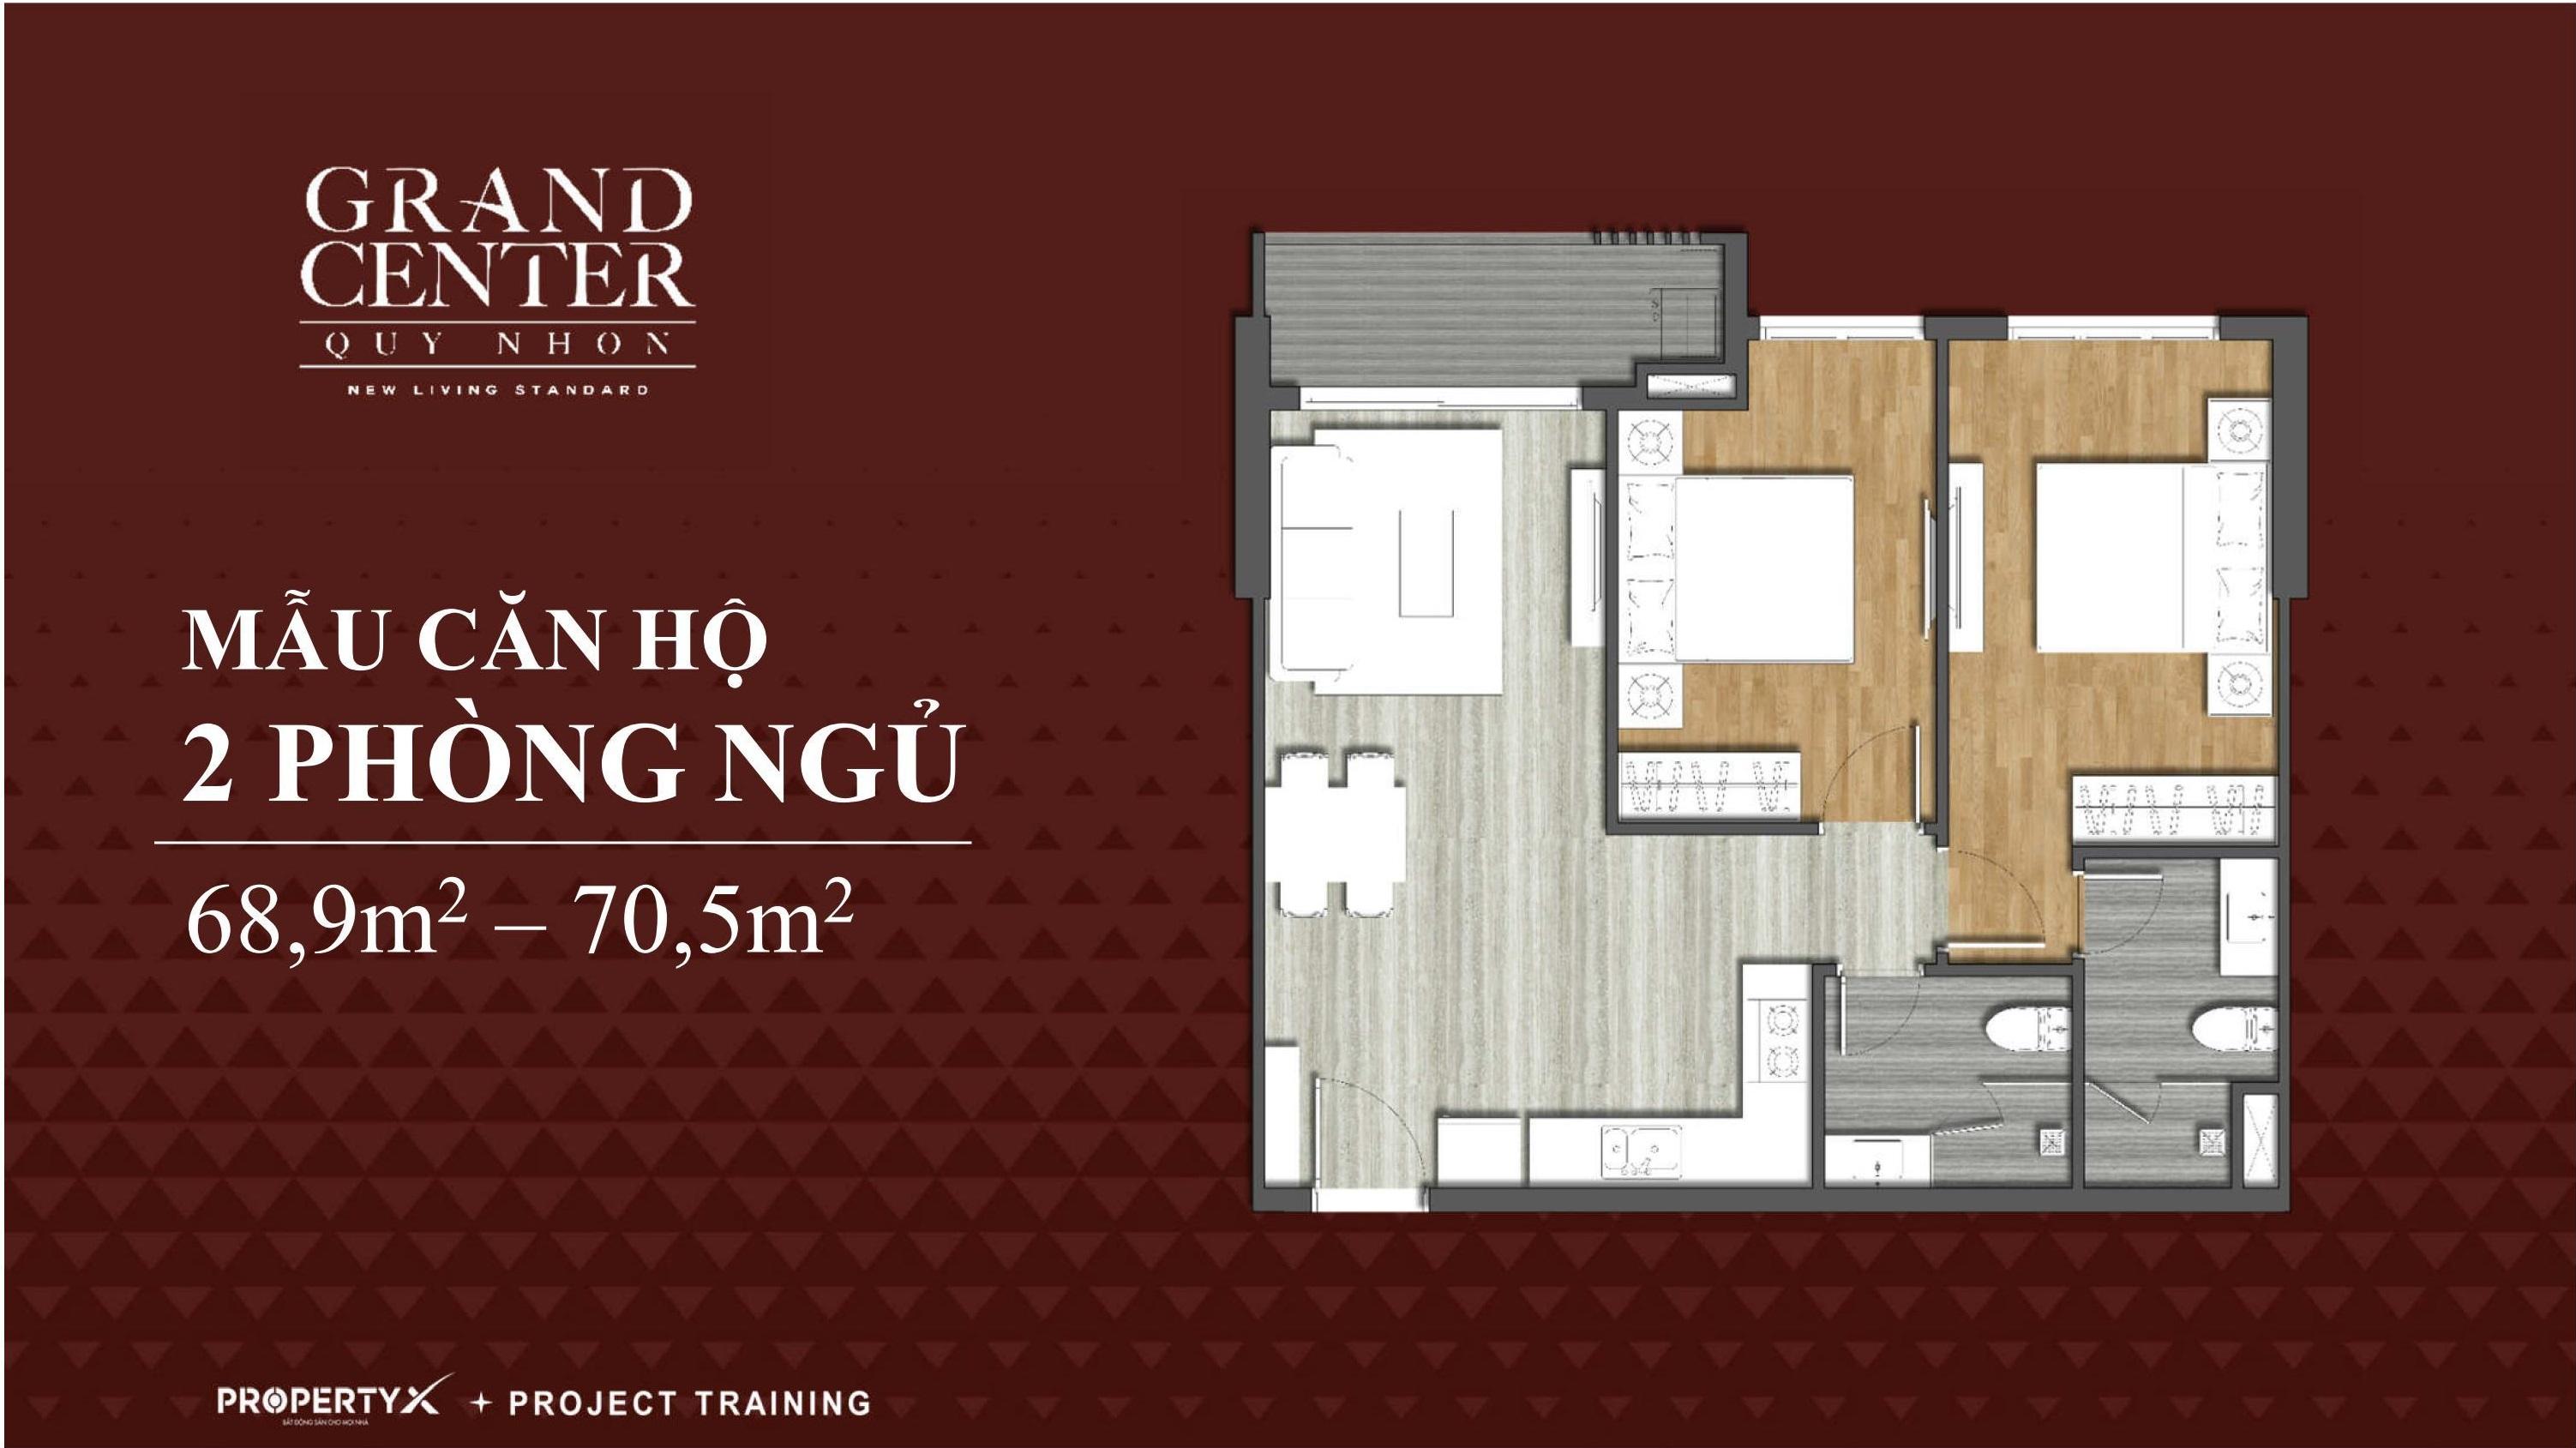 dự án grand center quy nhơn - thiết kế căn hộ